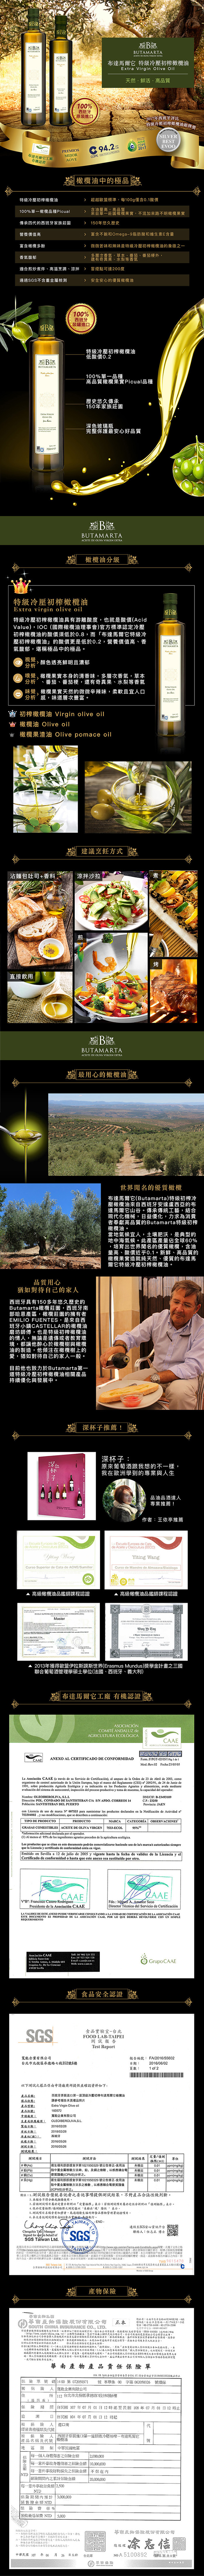 布達馬爾它 特級冷壓初榨橄欖油